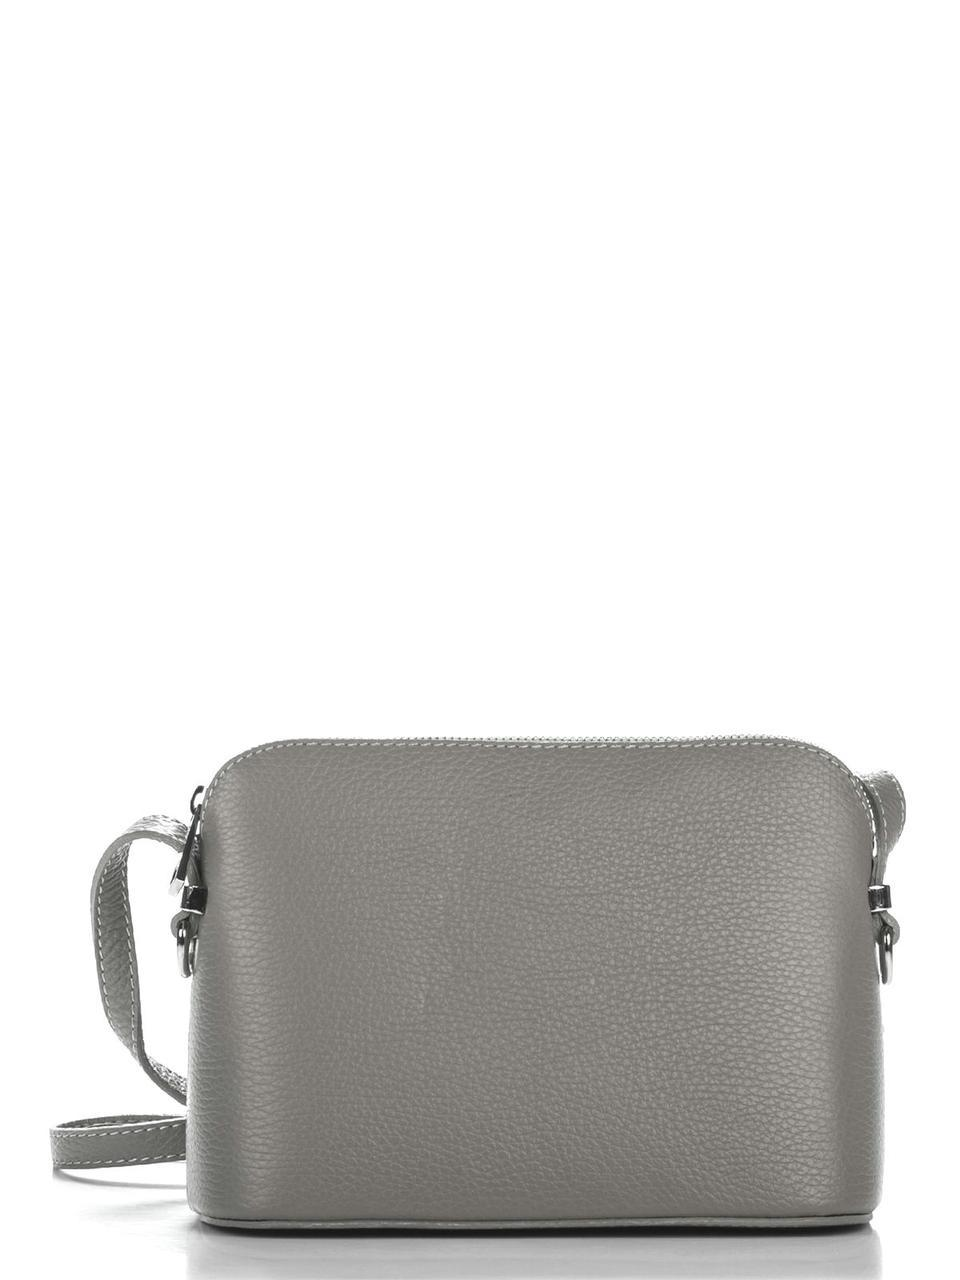 Женская кожаная сумка VIOLETTA Diva's Bag цвет темно-серый